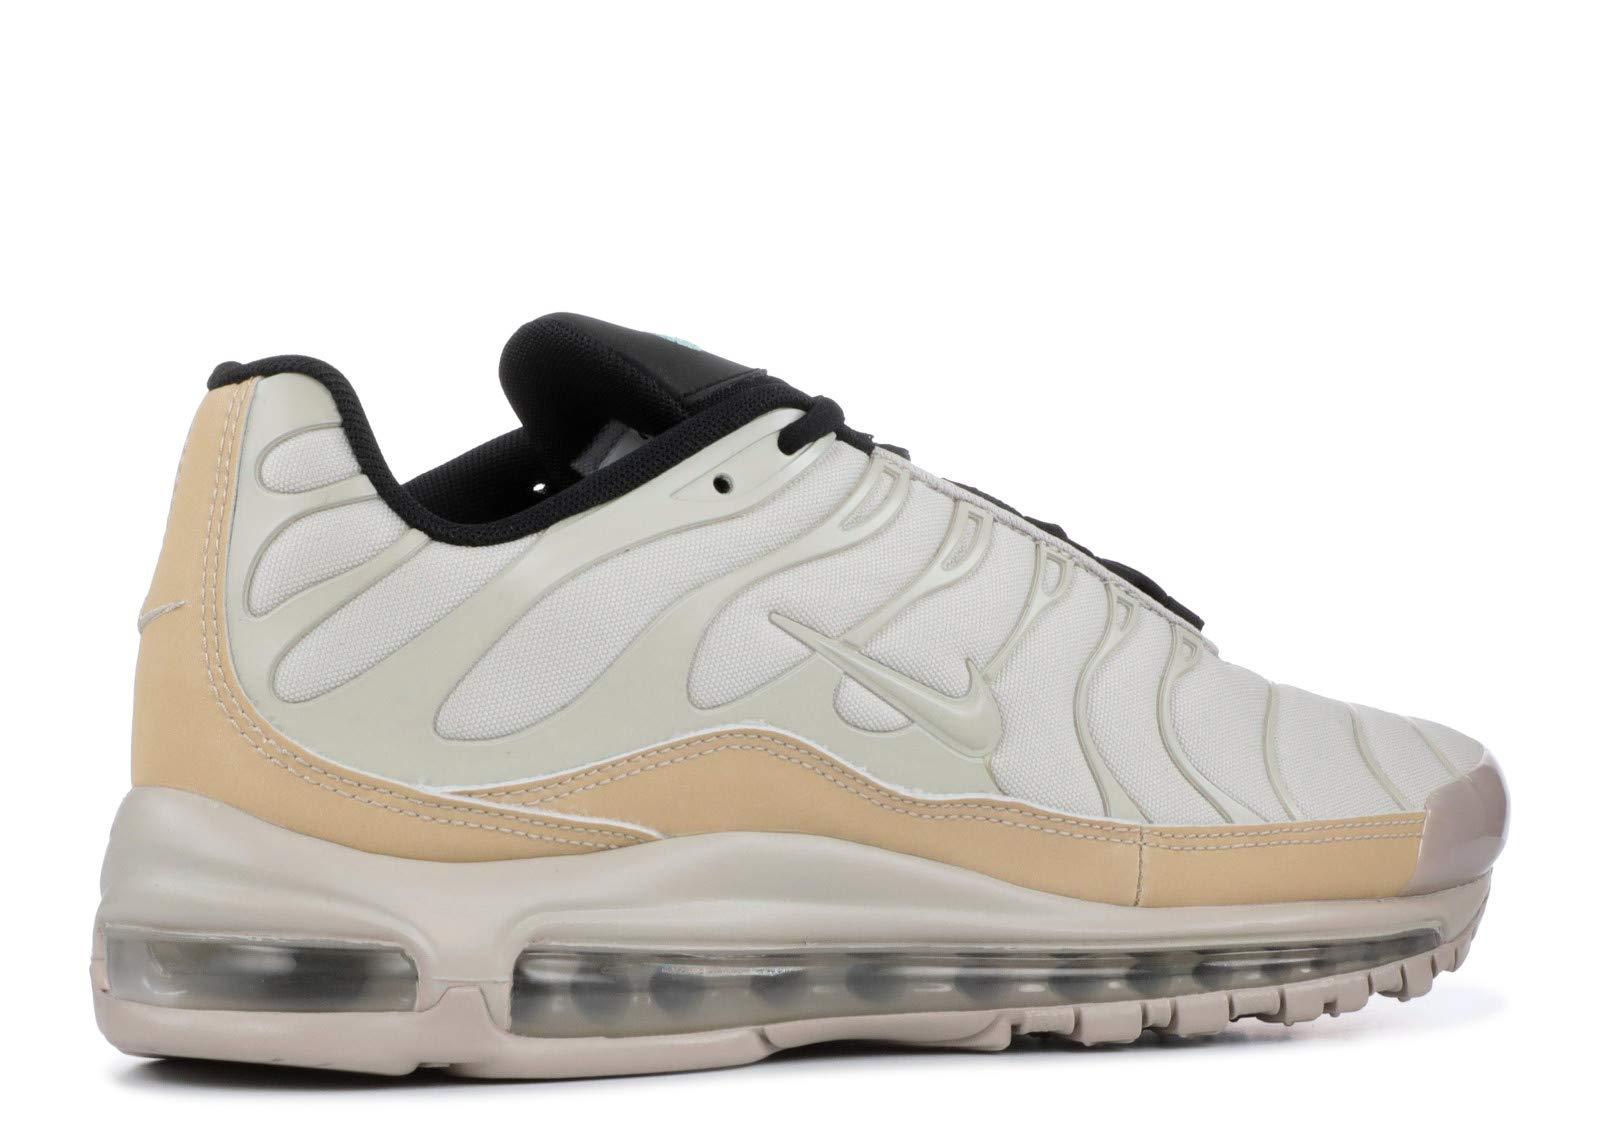 61r3SXGuiTL - Nike Men's Air Max 97 / Plus Gymnastics Shoes